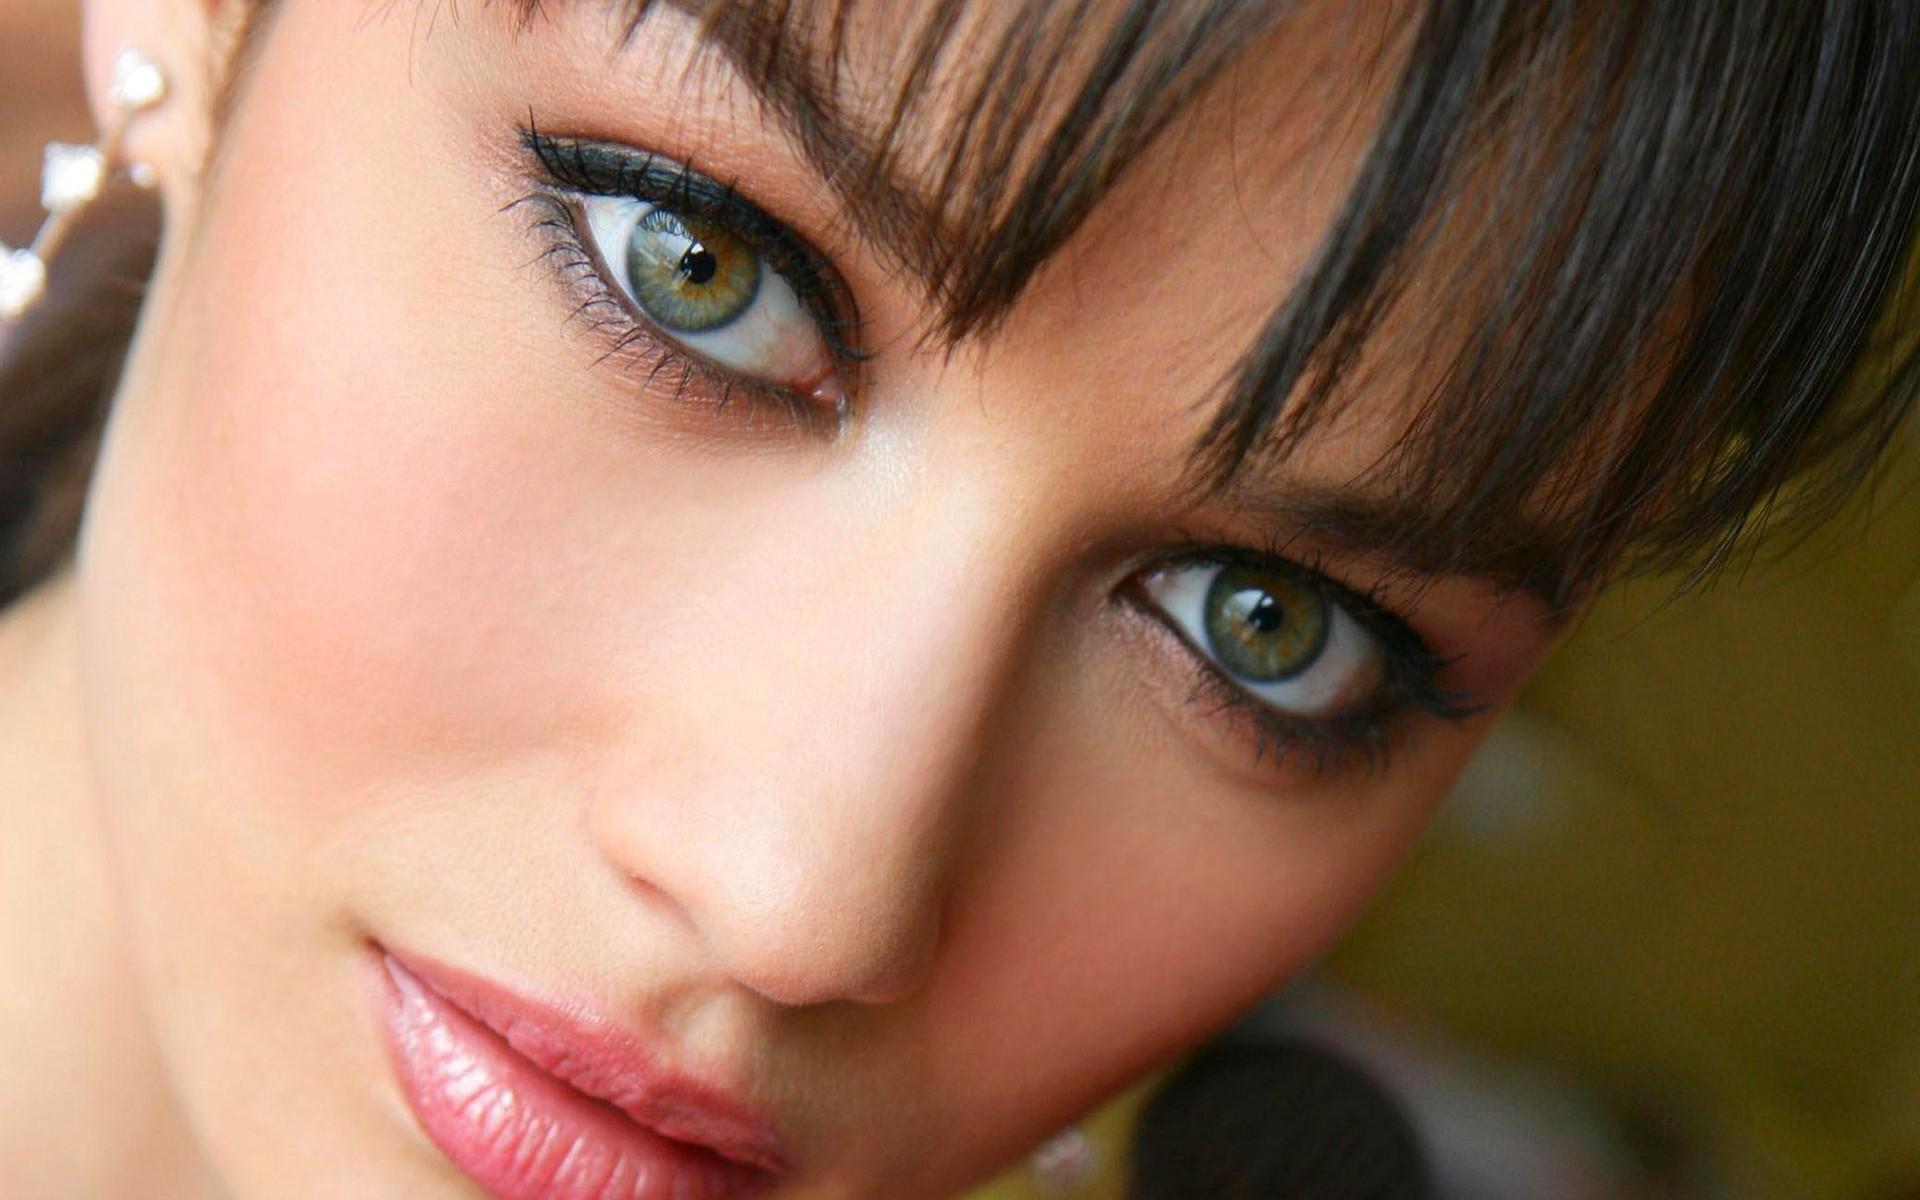 بالصور صور عيون خضر , اجمل عيون خضراء فى العالم 145 2